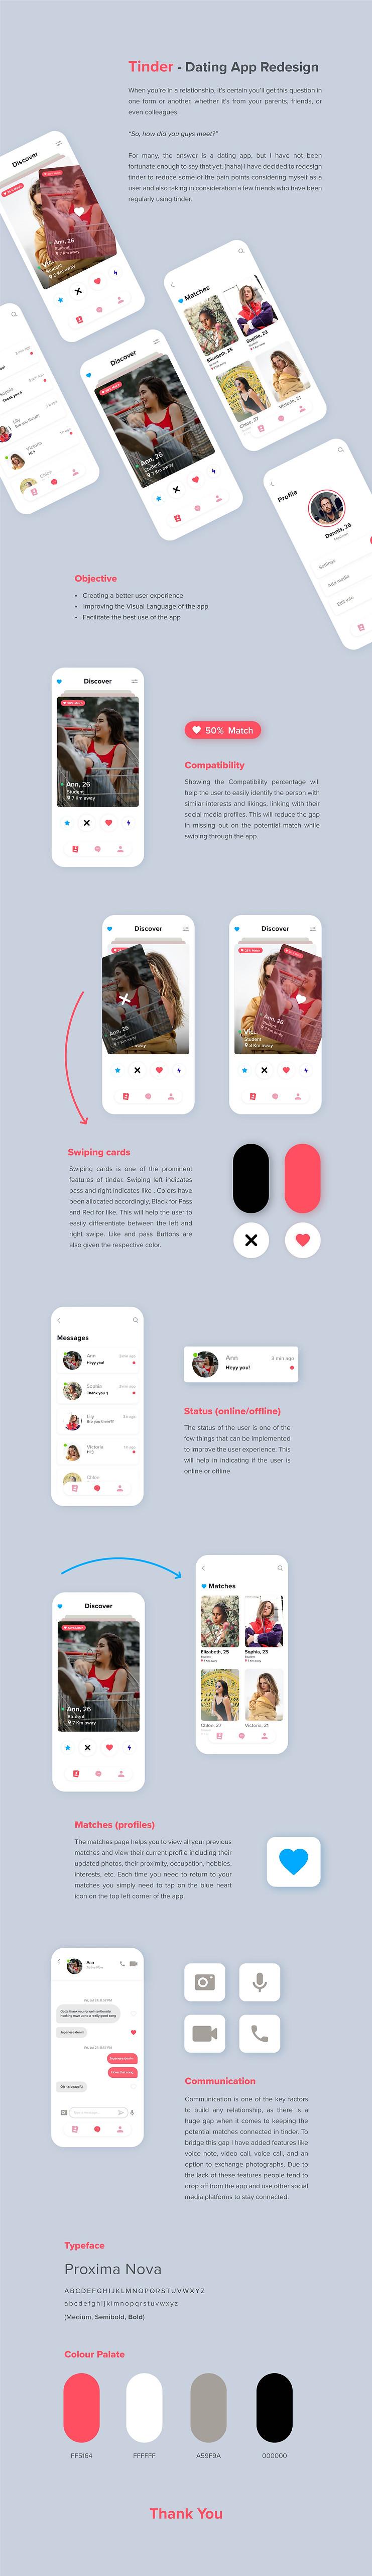 Tinder-redesign-mockup..jpg